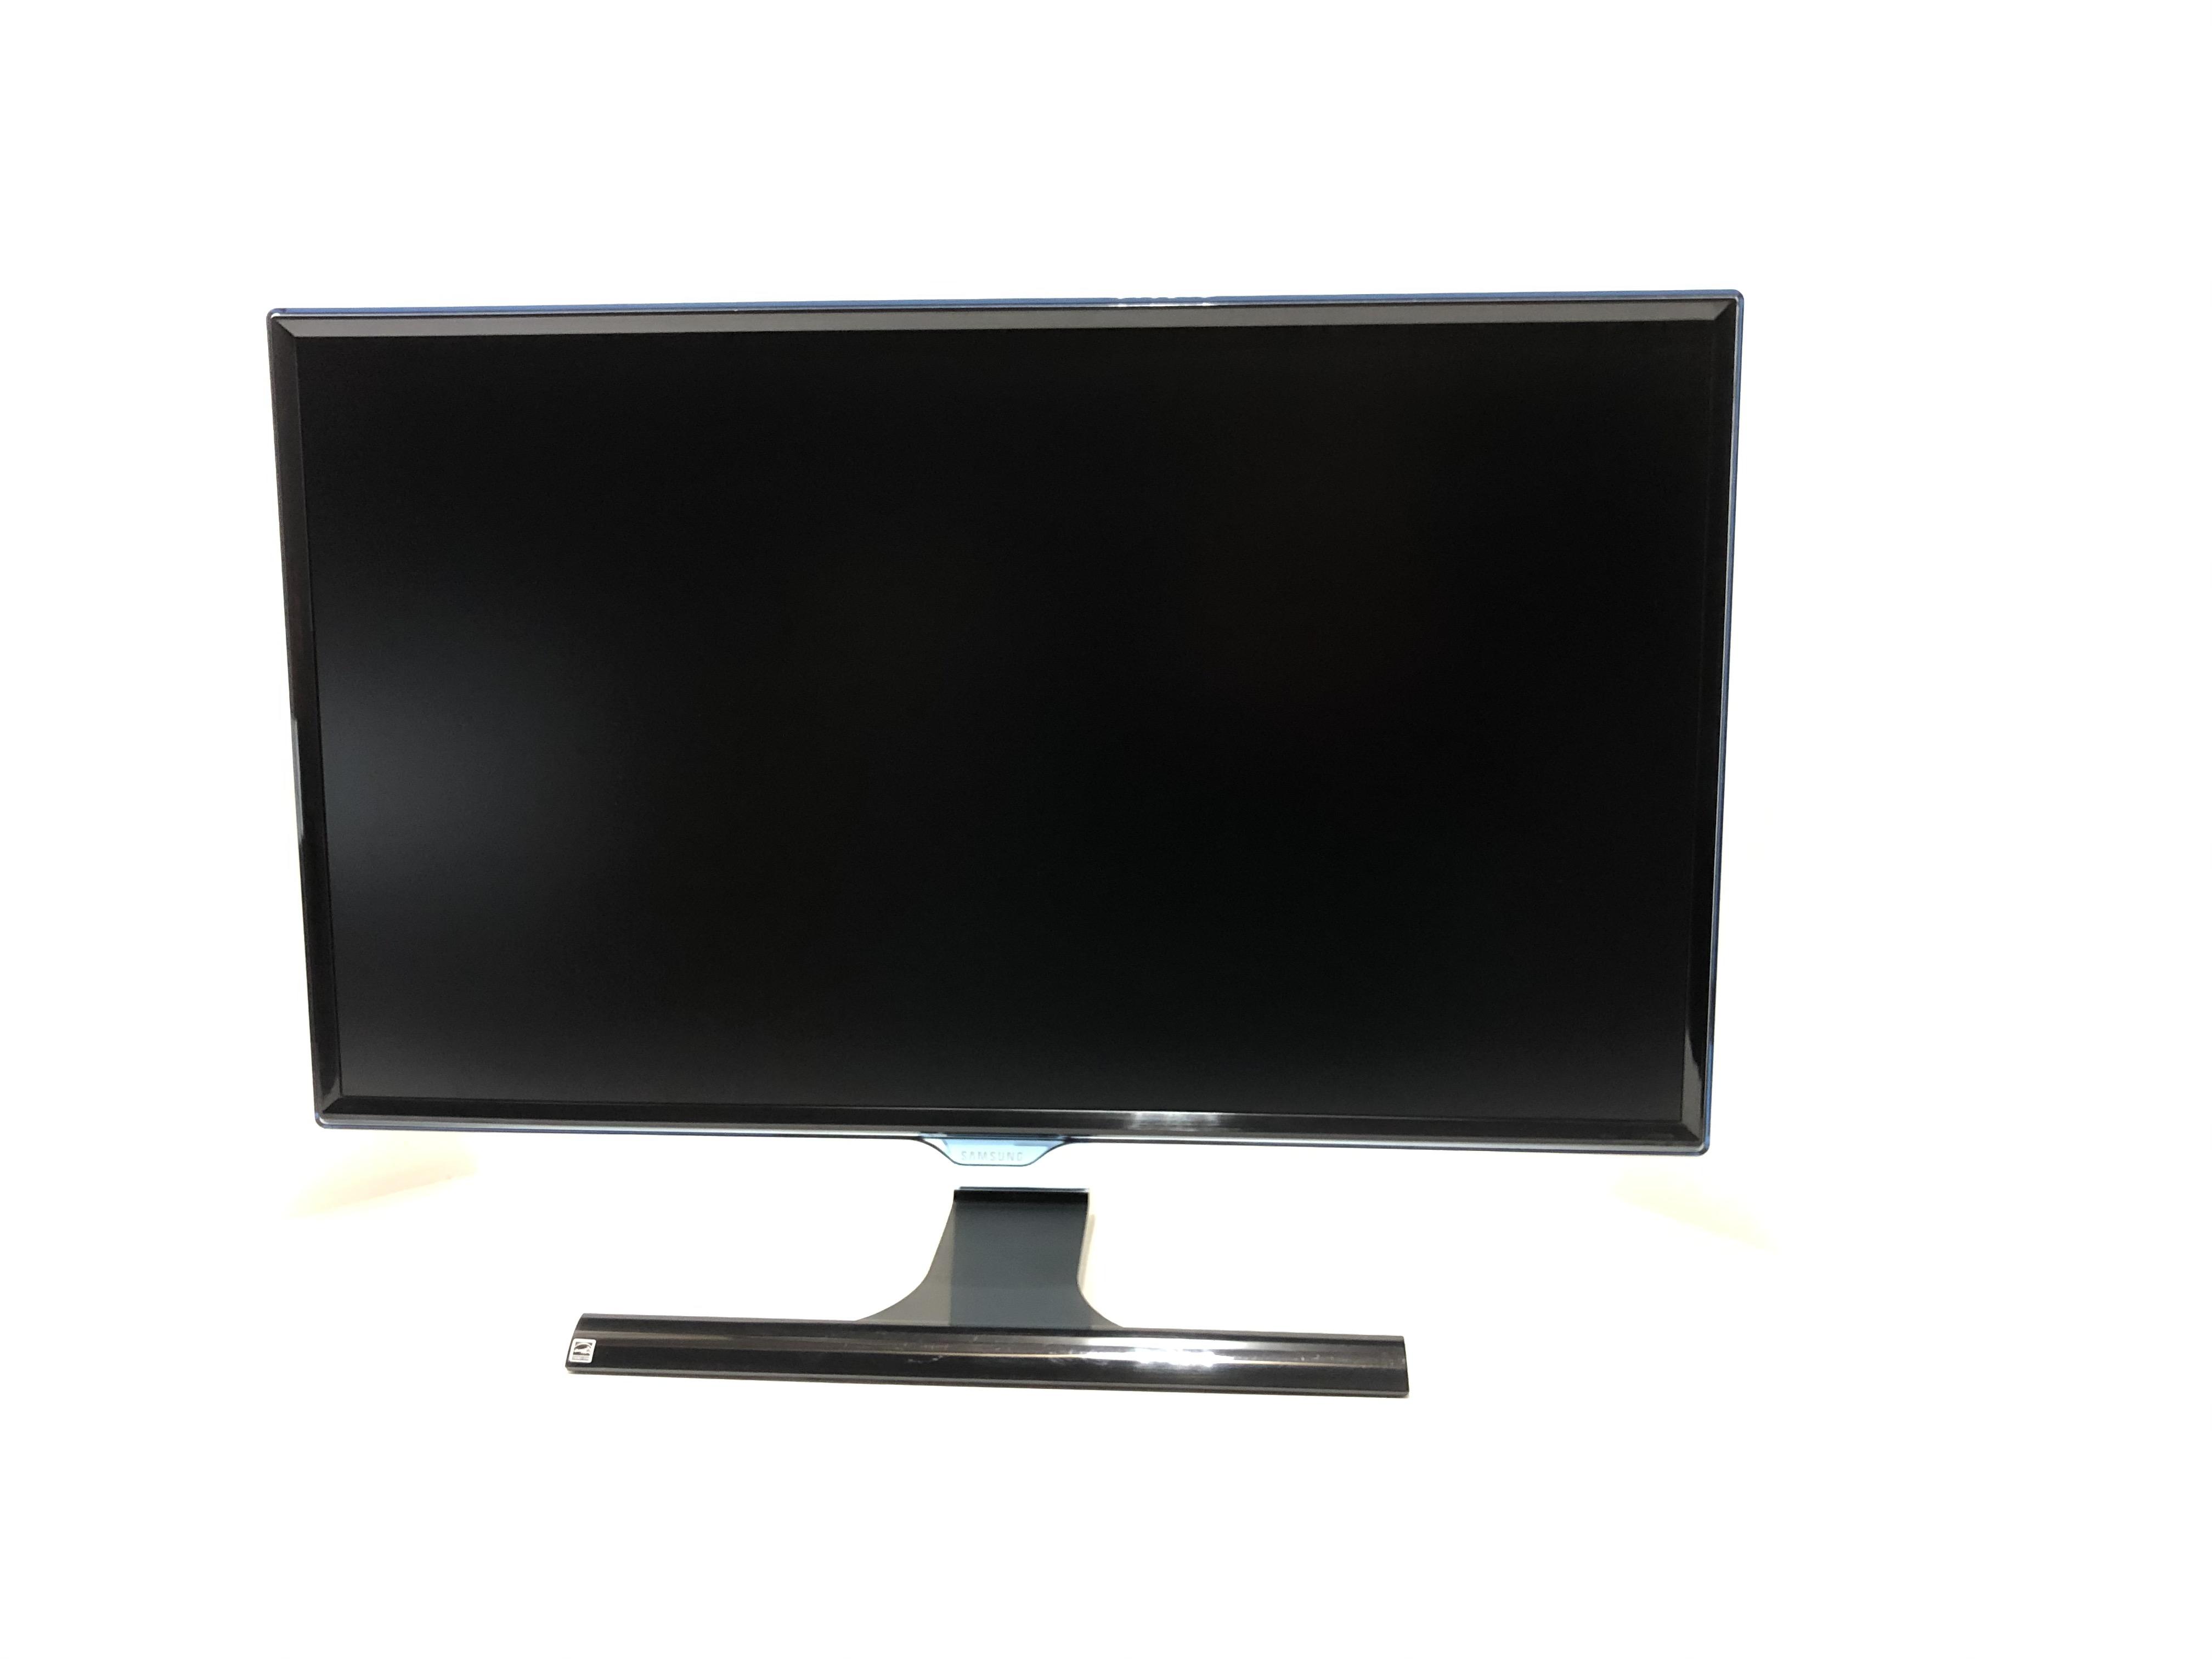 Samsung-S27E390HS/EN - 158566